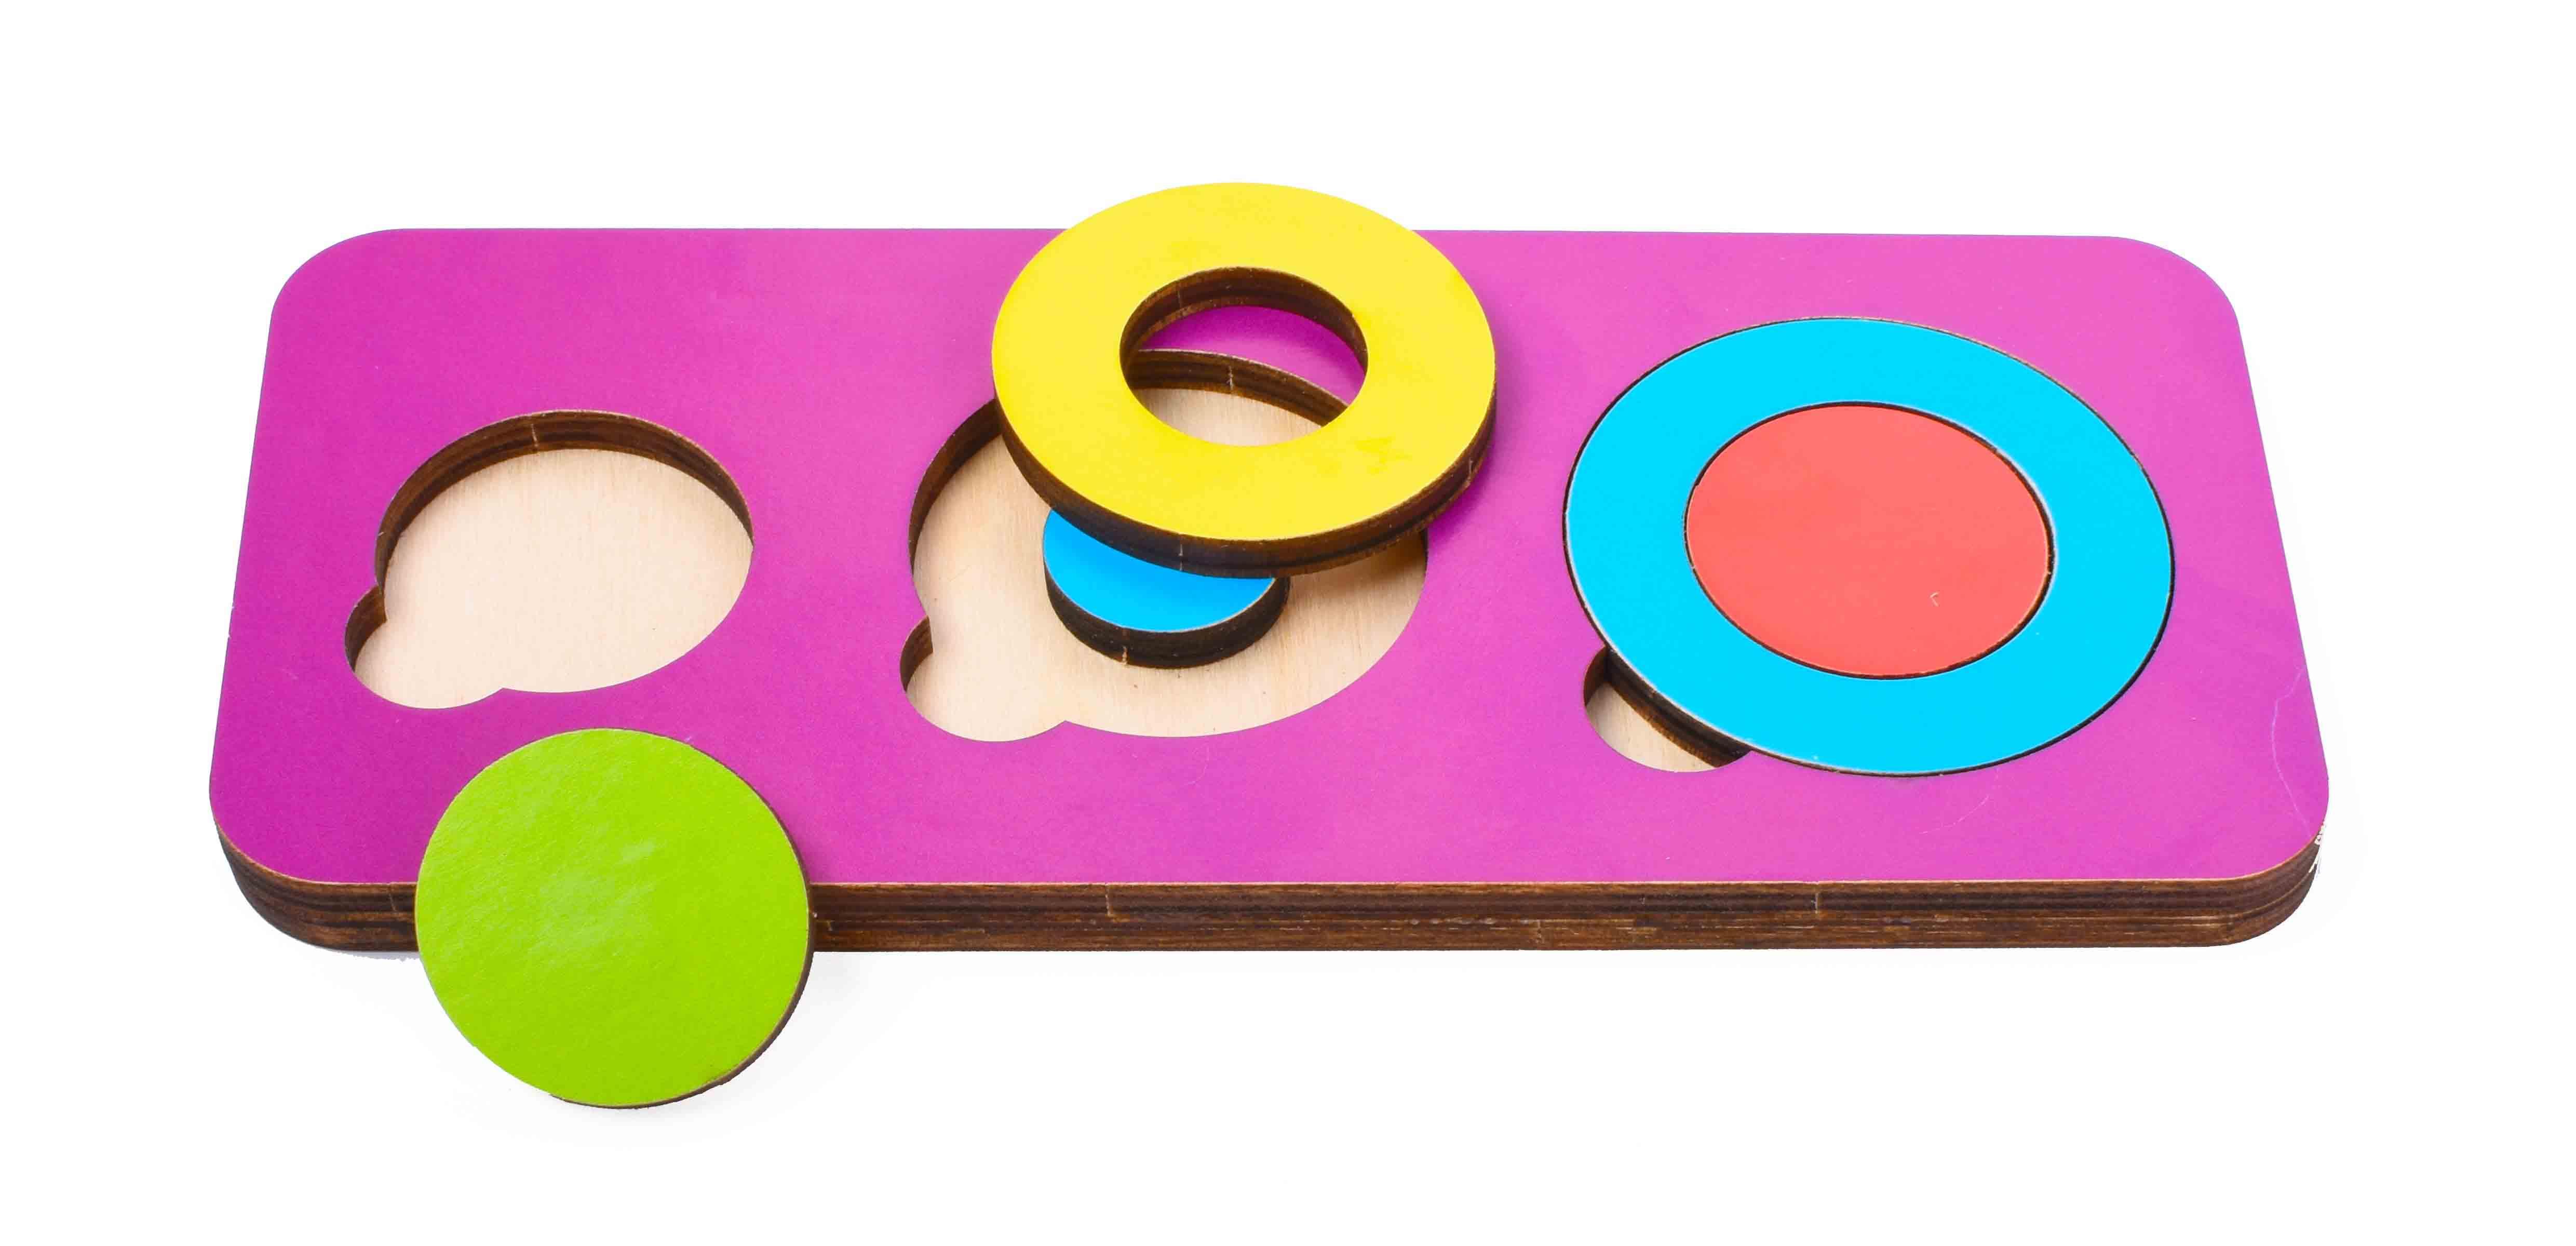 Игрушка детская:04088 Вкладыш 6 элементов круг (по системе раннего развития) цвет в асс-те